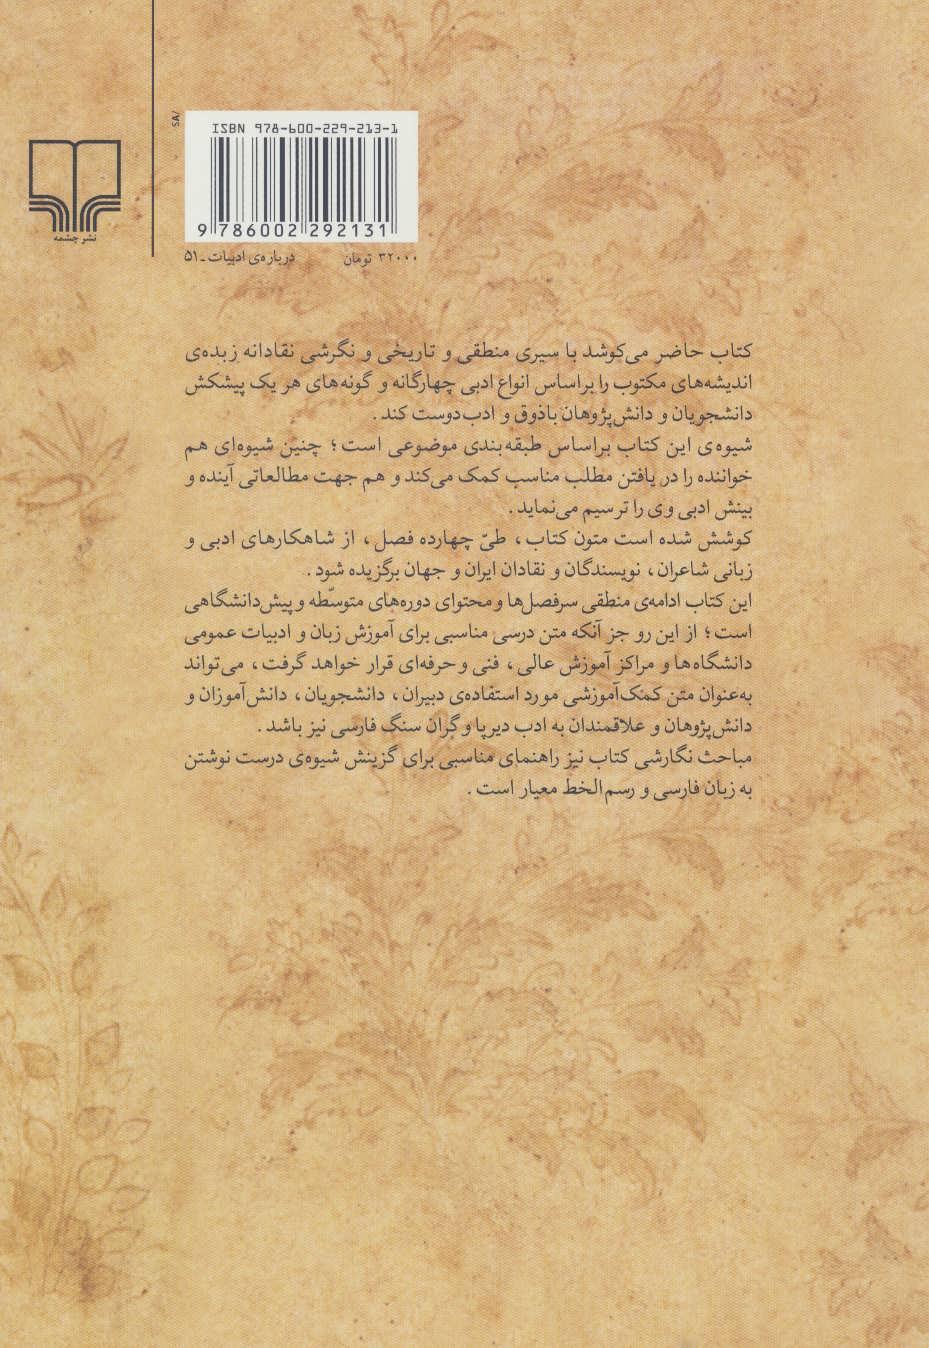 فارسی عمومی (برگزیده ی متون فارسی و آیین نگارش)